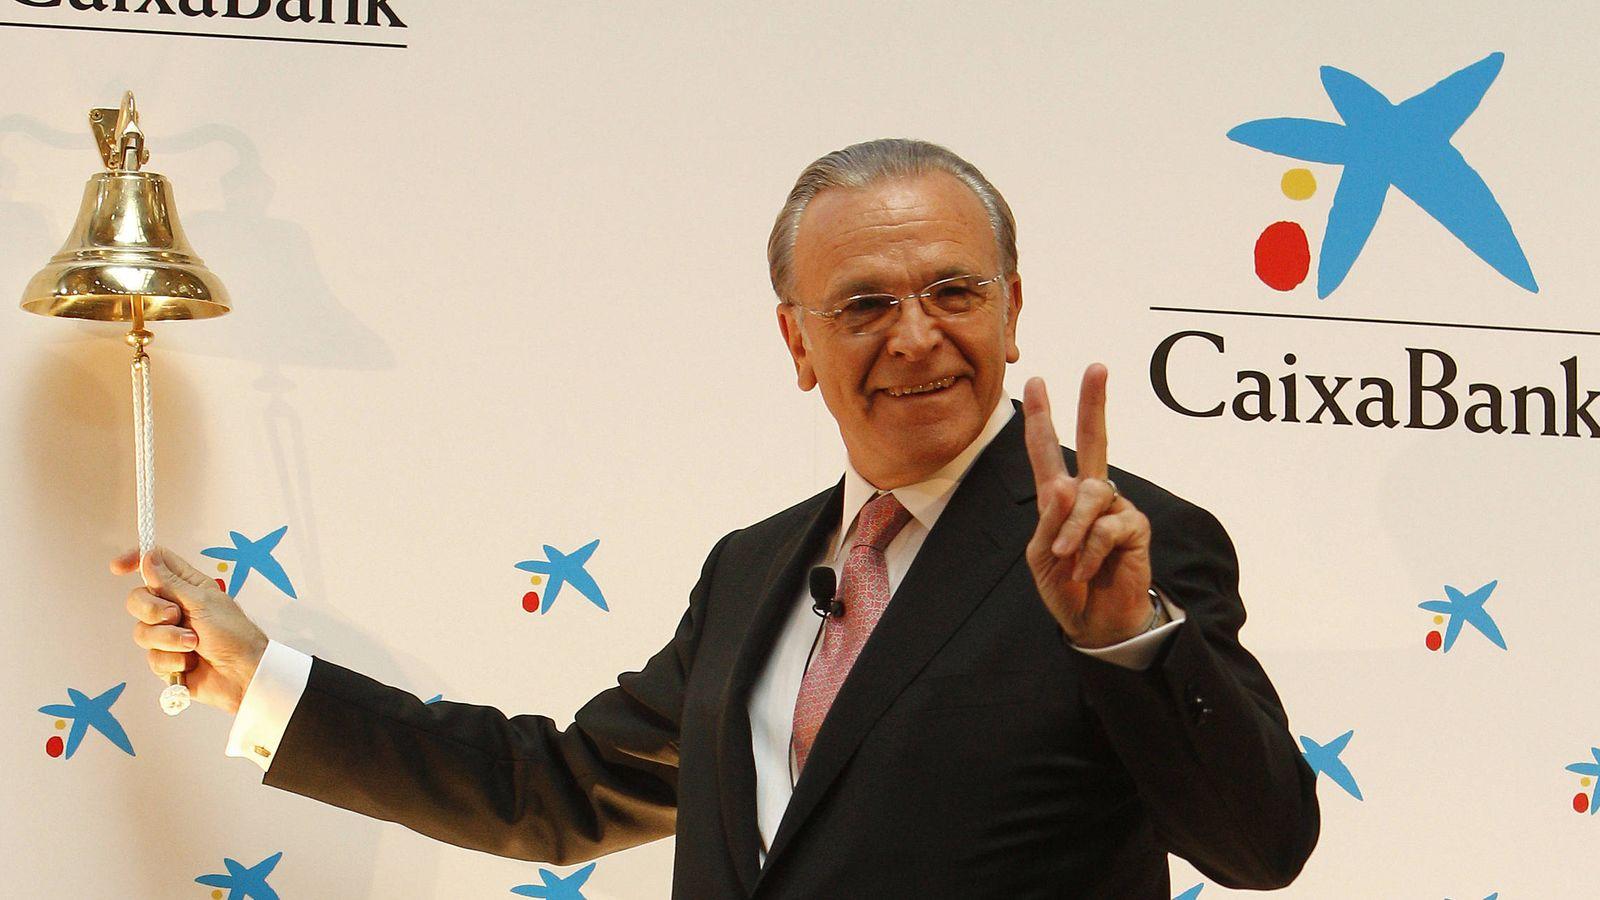 Foto: El presidente de La Caixa, Isidre Fainé, realizó el tradicional toque de campaña en la Bolsa de Madrid marcando el inicio de cotización en la Bolsa española de CaixaBank en 2011. (EFE)